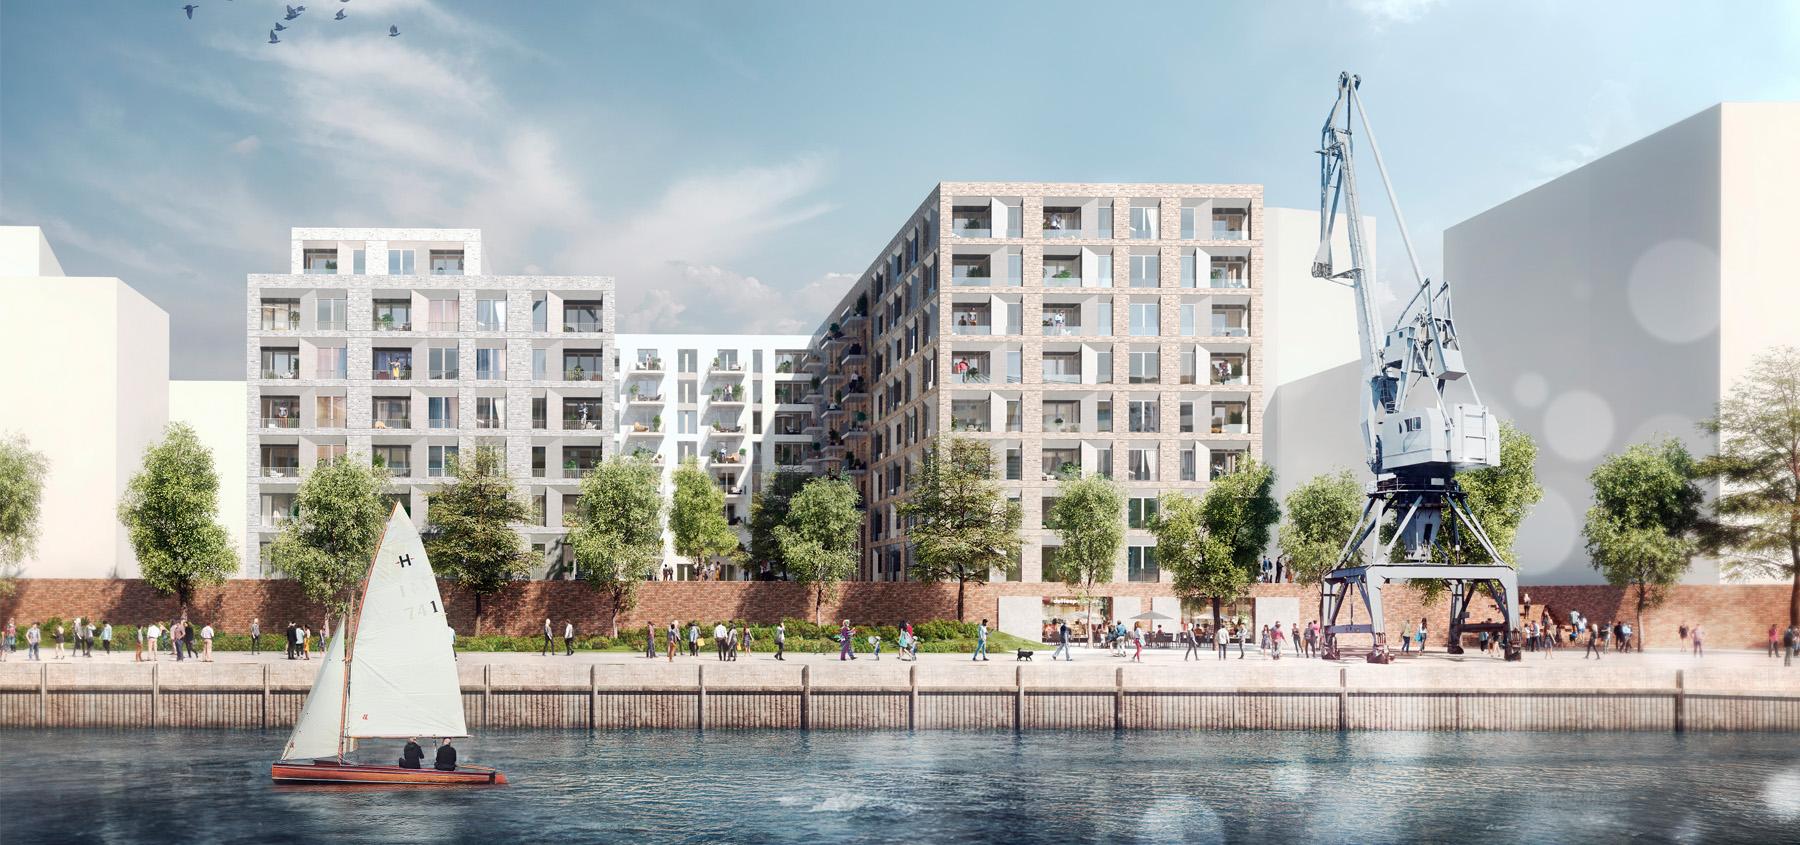 Wohn- und Geschäftsgebäude Hamburg (Bildquelle: Schenk-Waiblinger Architekten)